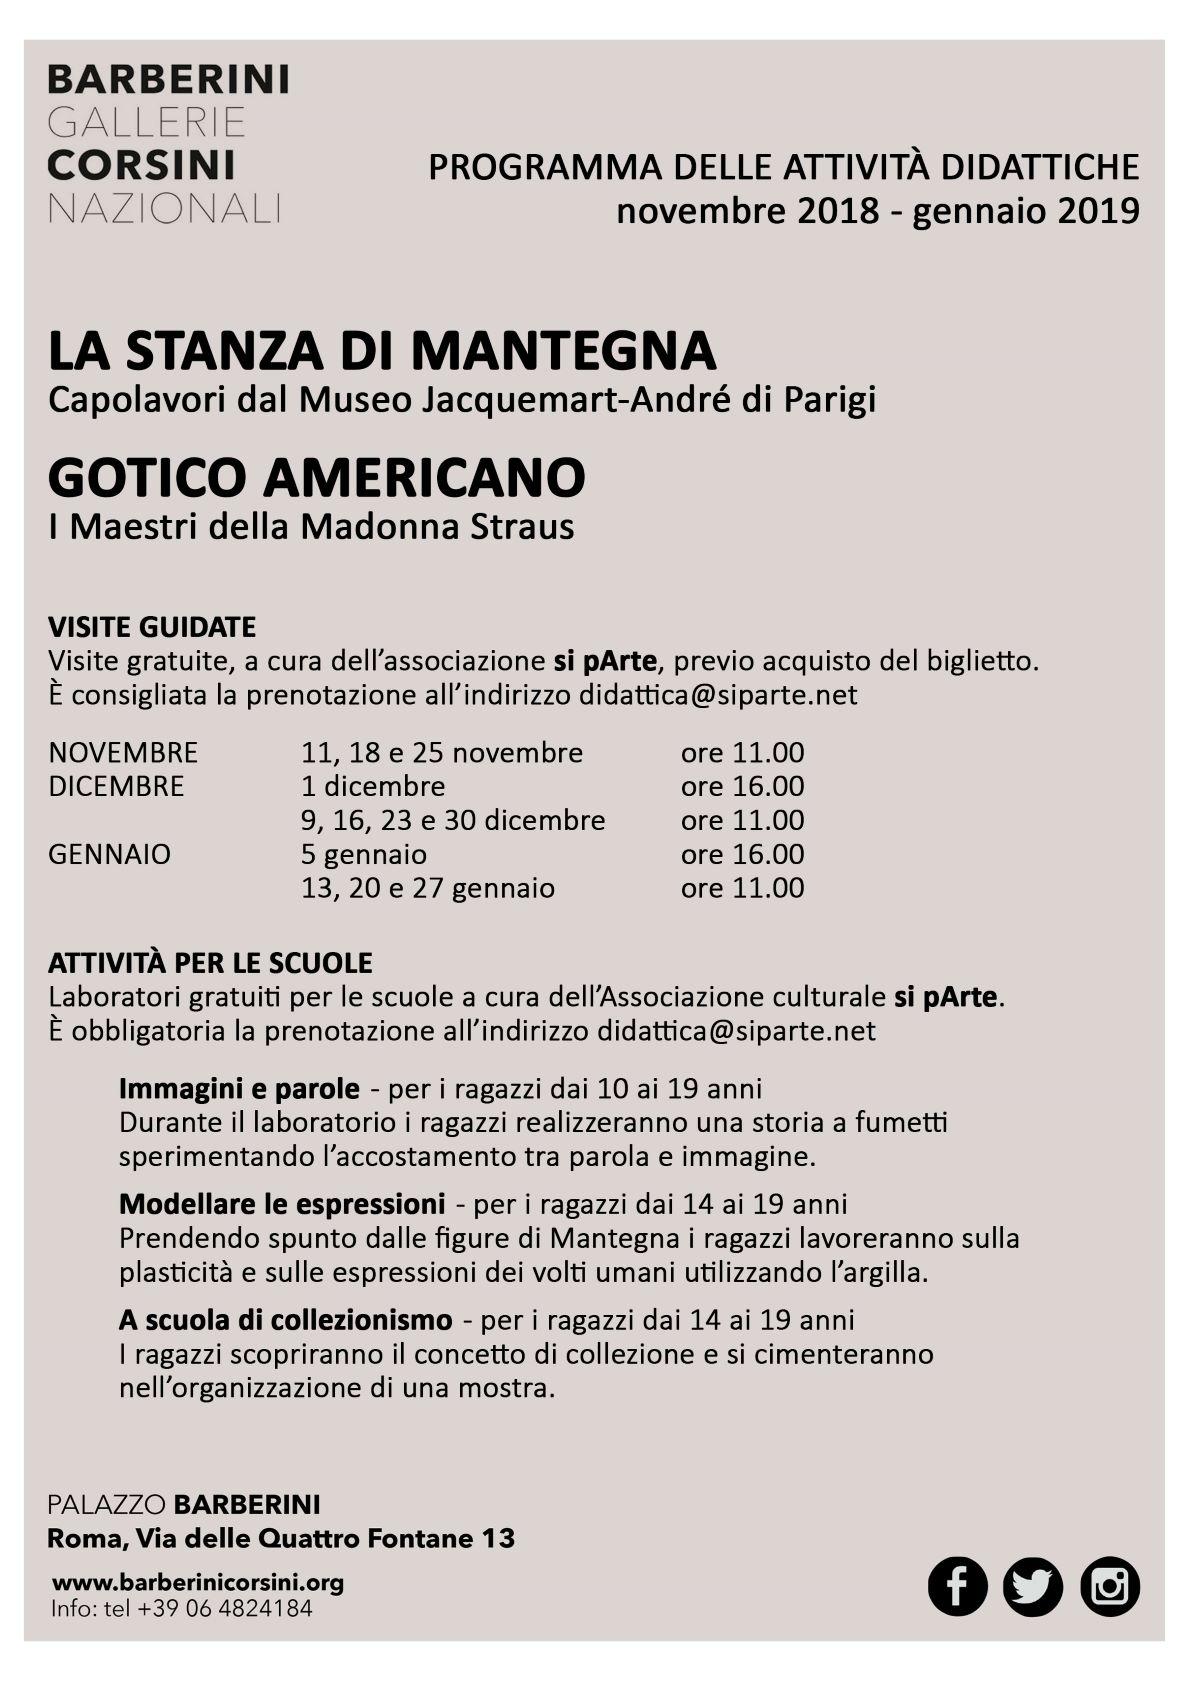 Visite guidate gratuite alle mostre: La stanza di Mantegna e Gotico Americano